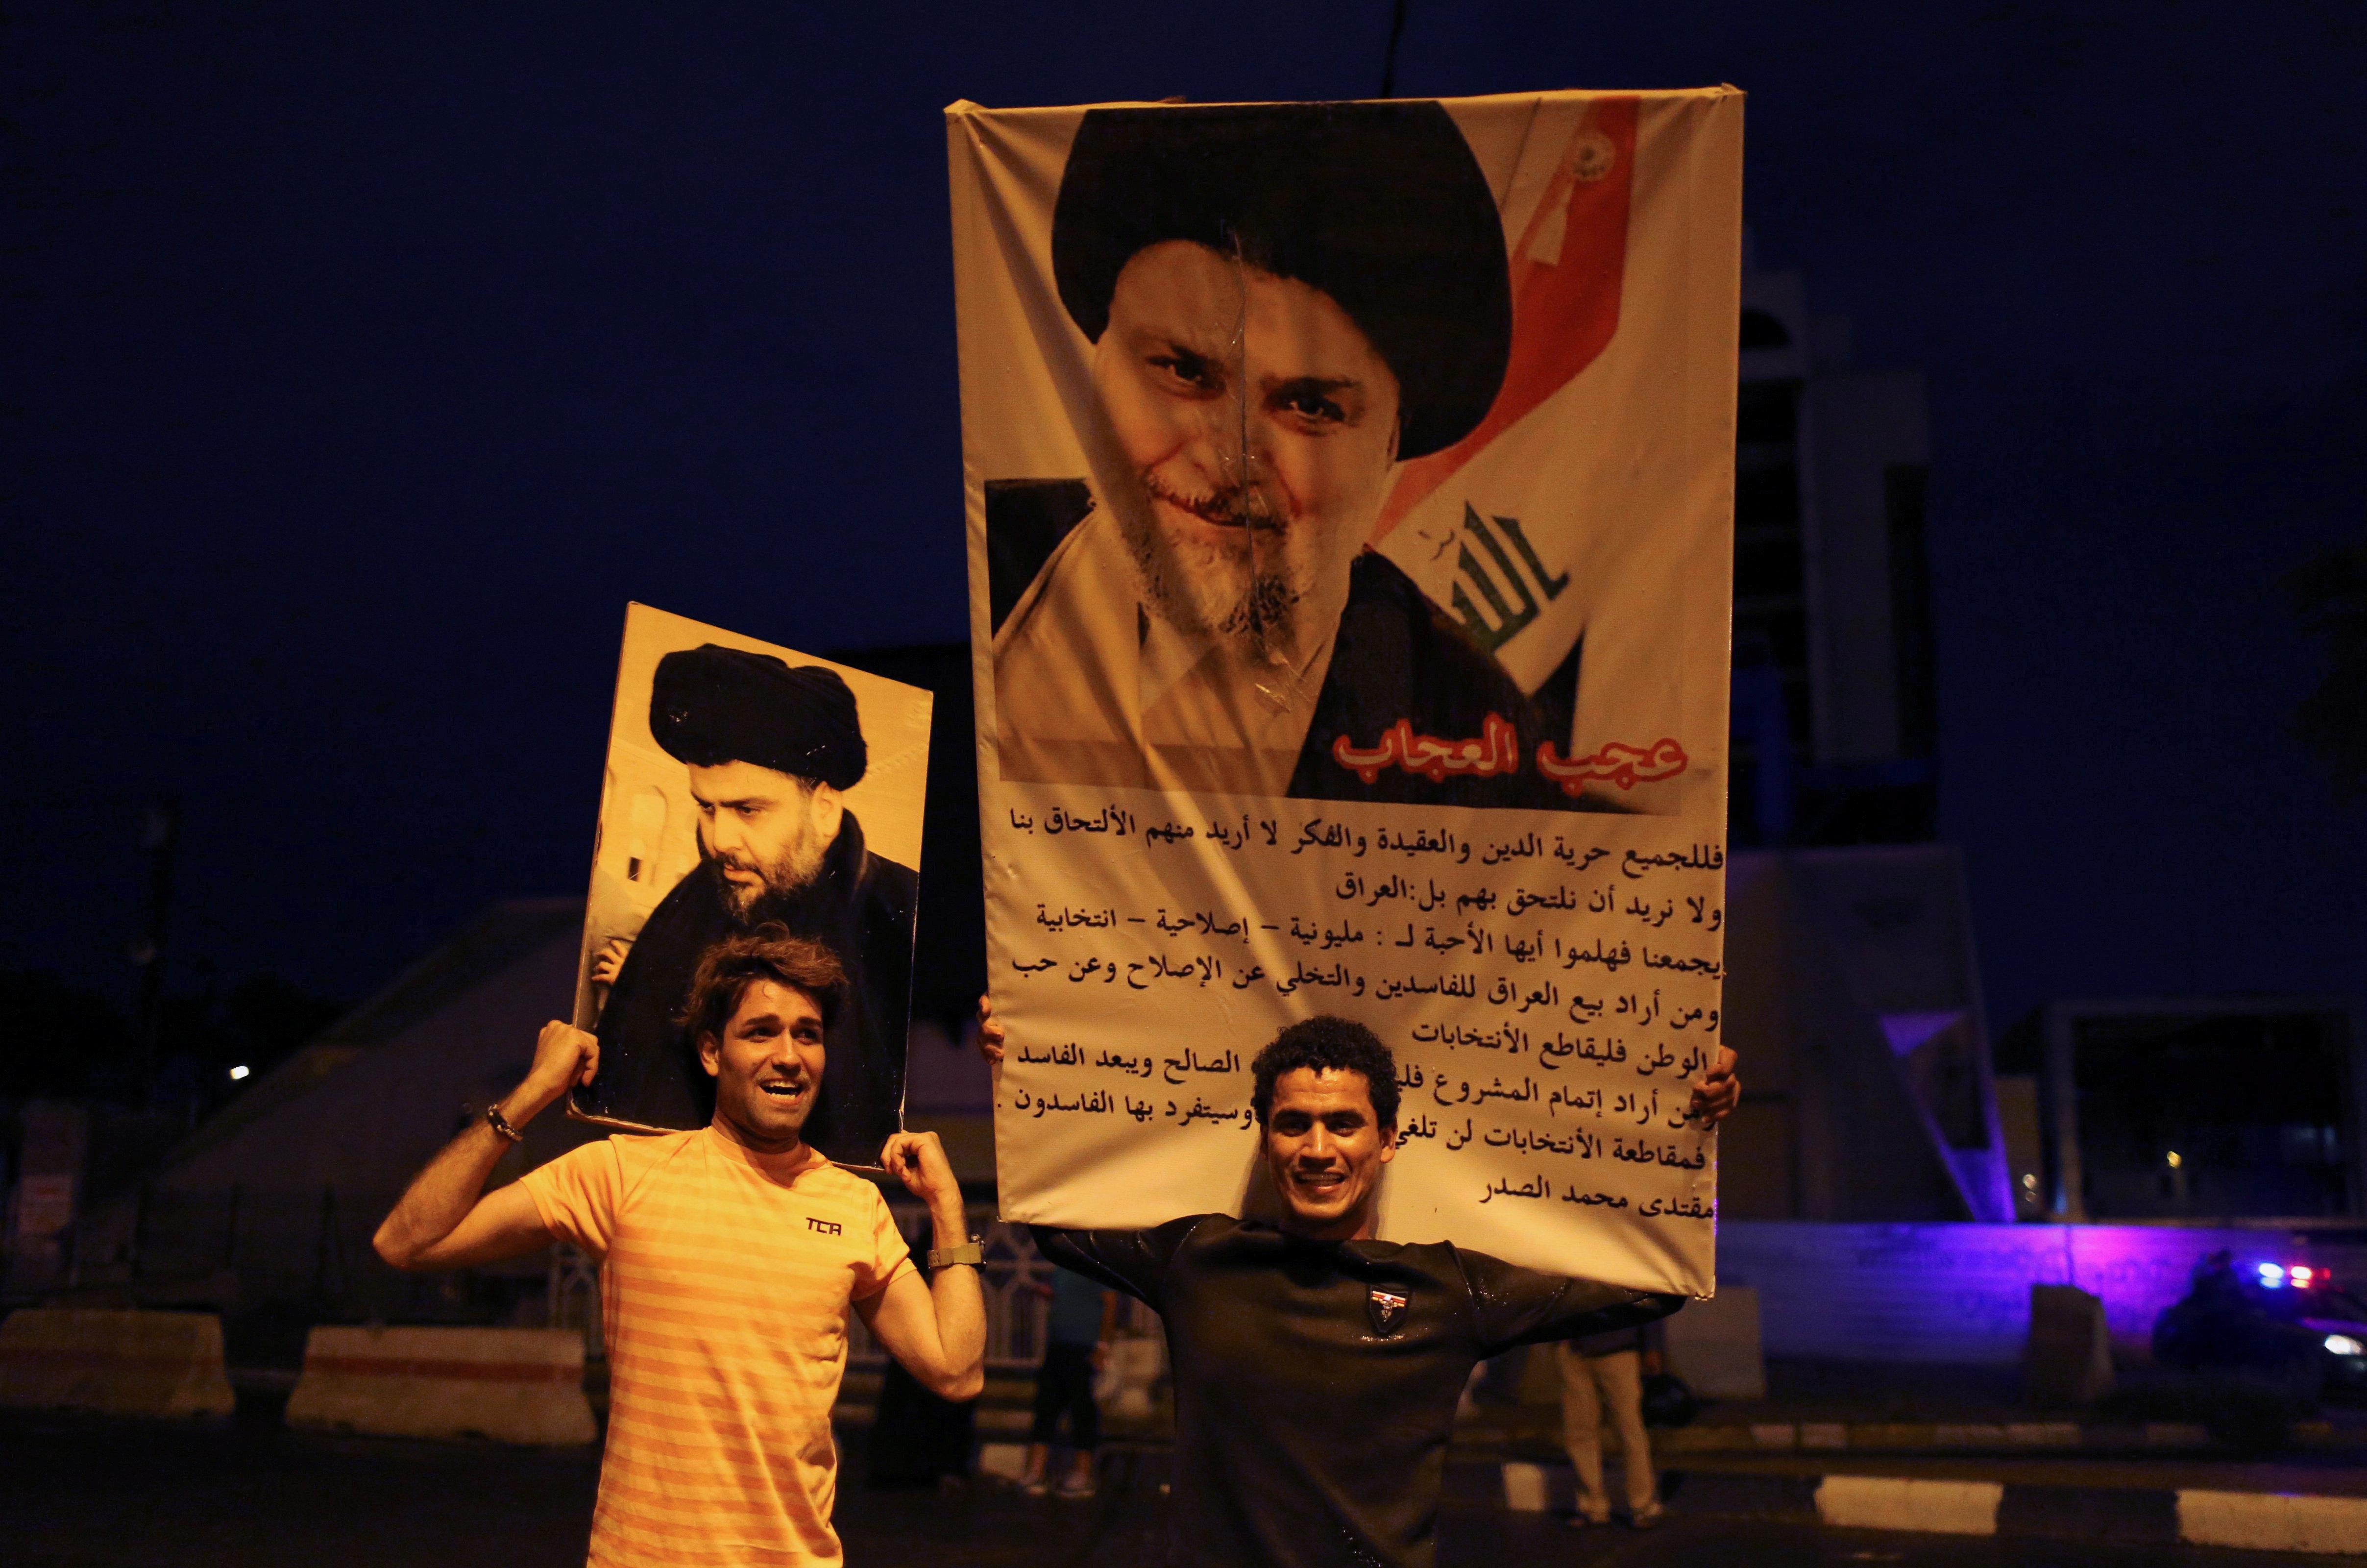 Ιράκ: Η νίκη του Μοκτάντα αλ-Σαντρ στις εκλογές, ηχηρό χαστούκι στο Ιράν και πλήγμα στην αμερικανική επιρροή στην